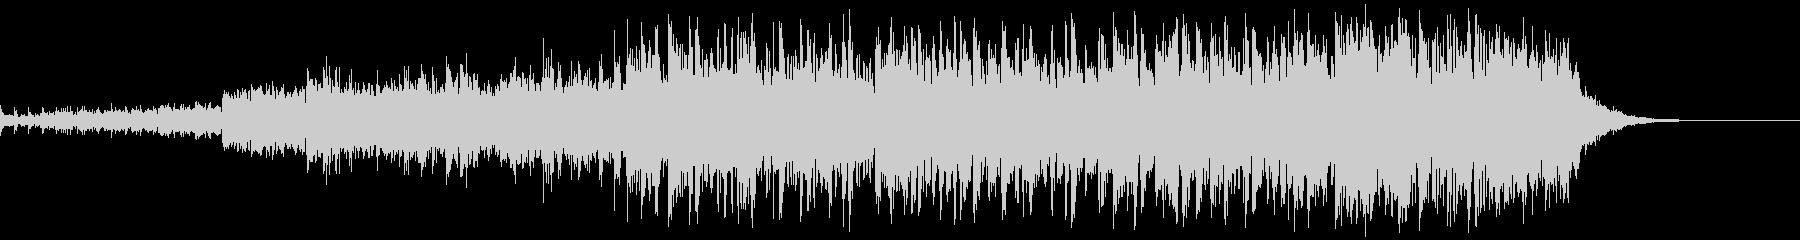 スリックオルタナティブロックテーマの未再生の波形